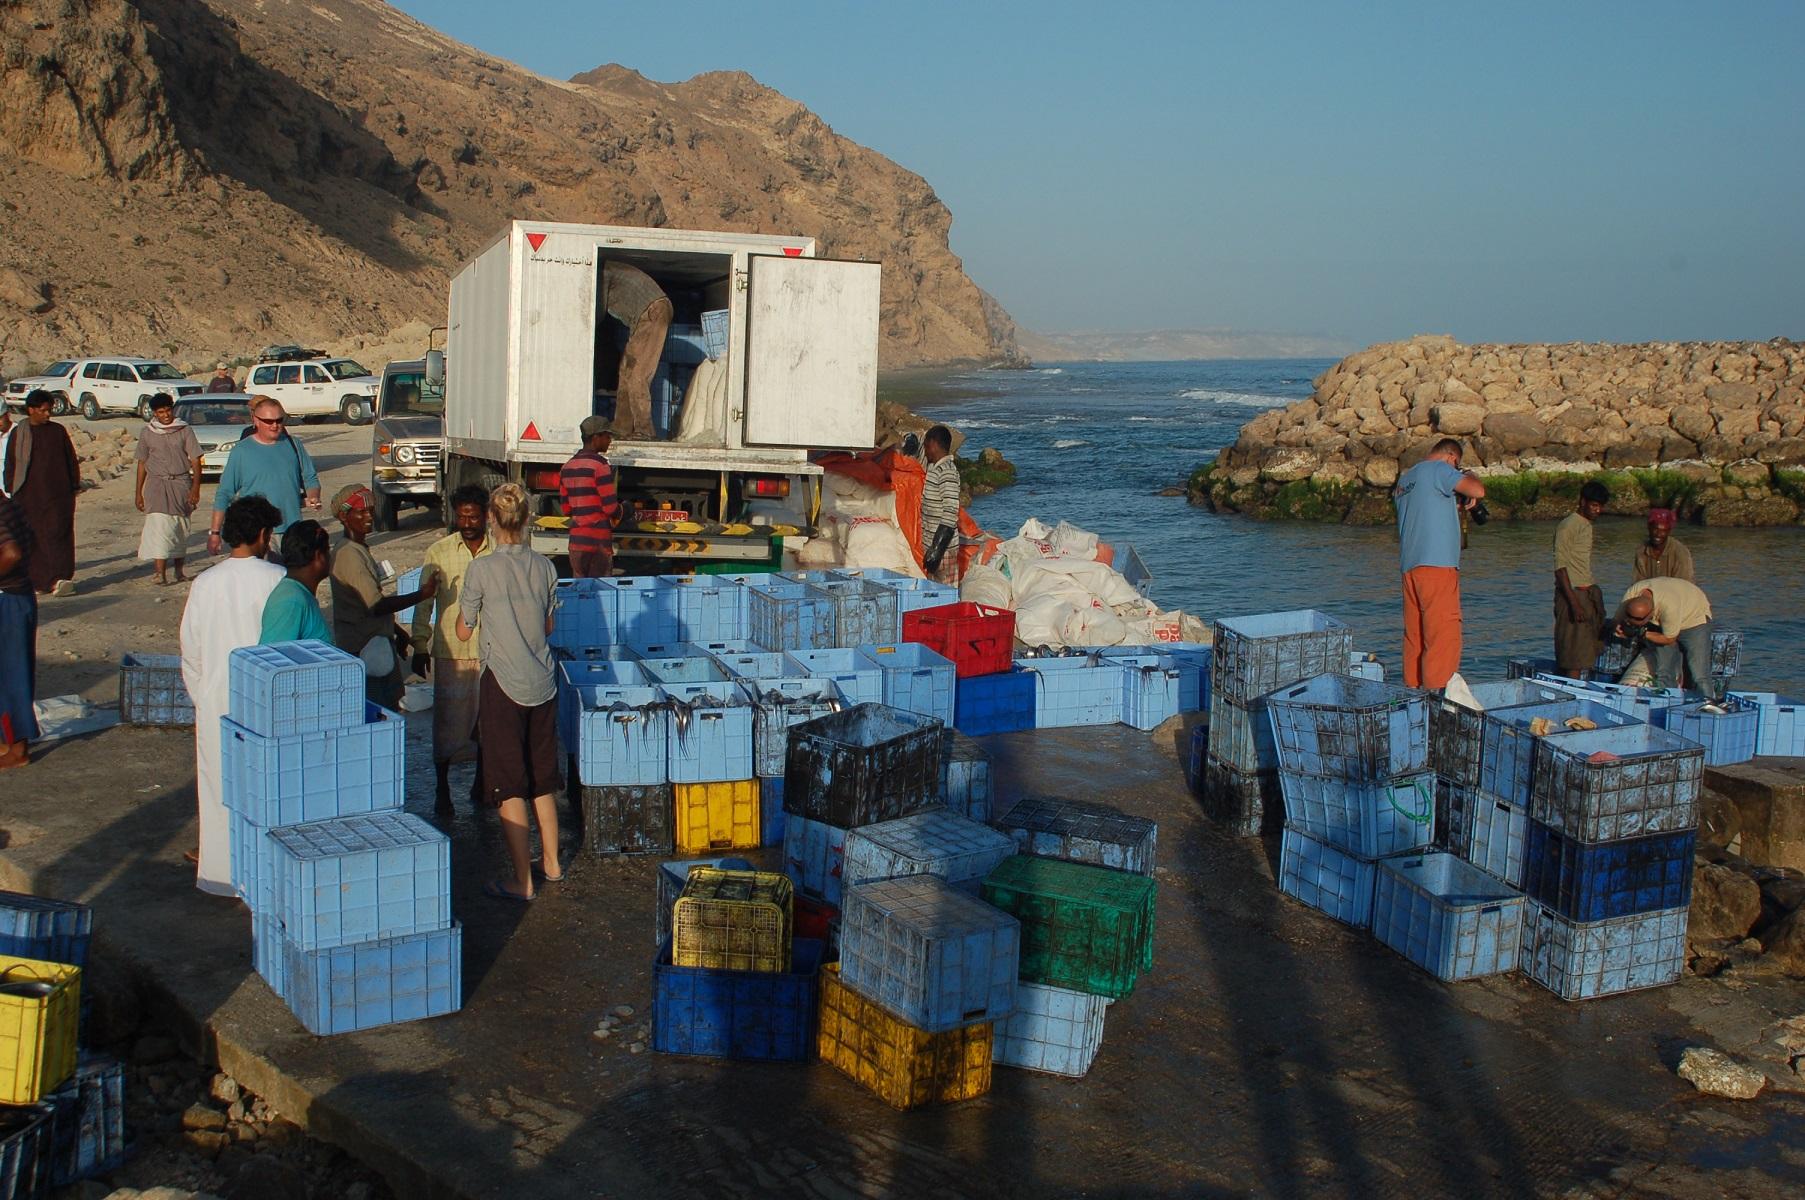 Oman - Jurek kennt sich aus, dieser Küstenabschnitt ist ein Geheimtipp wo viele Einheimische direkt fangfrisch kaufen.